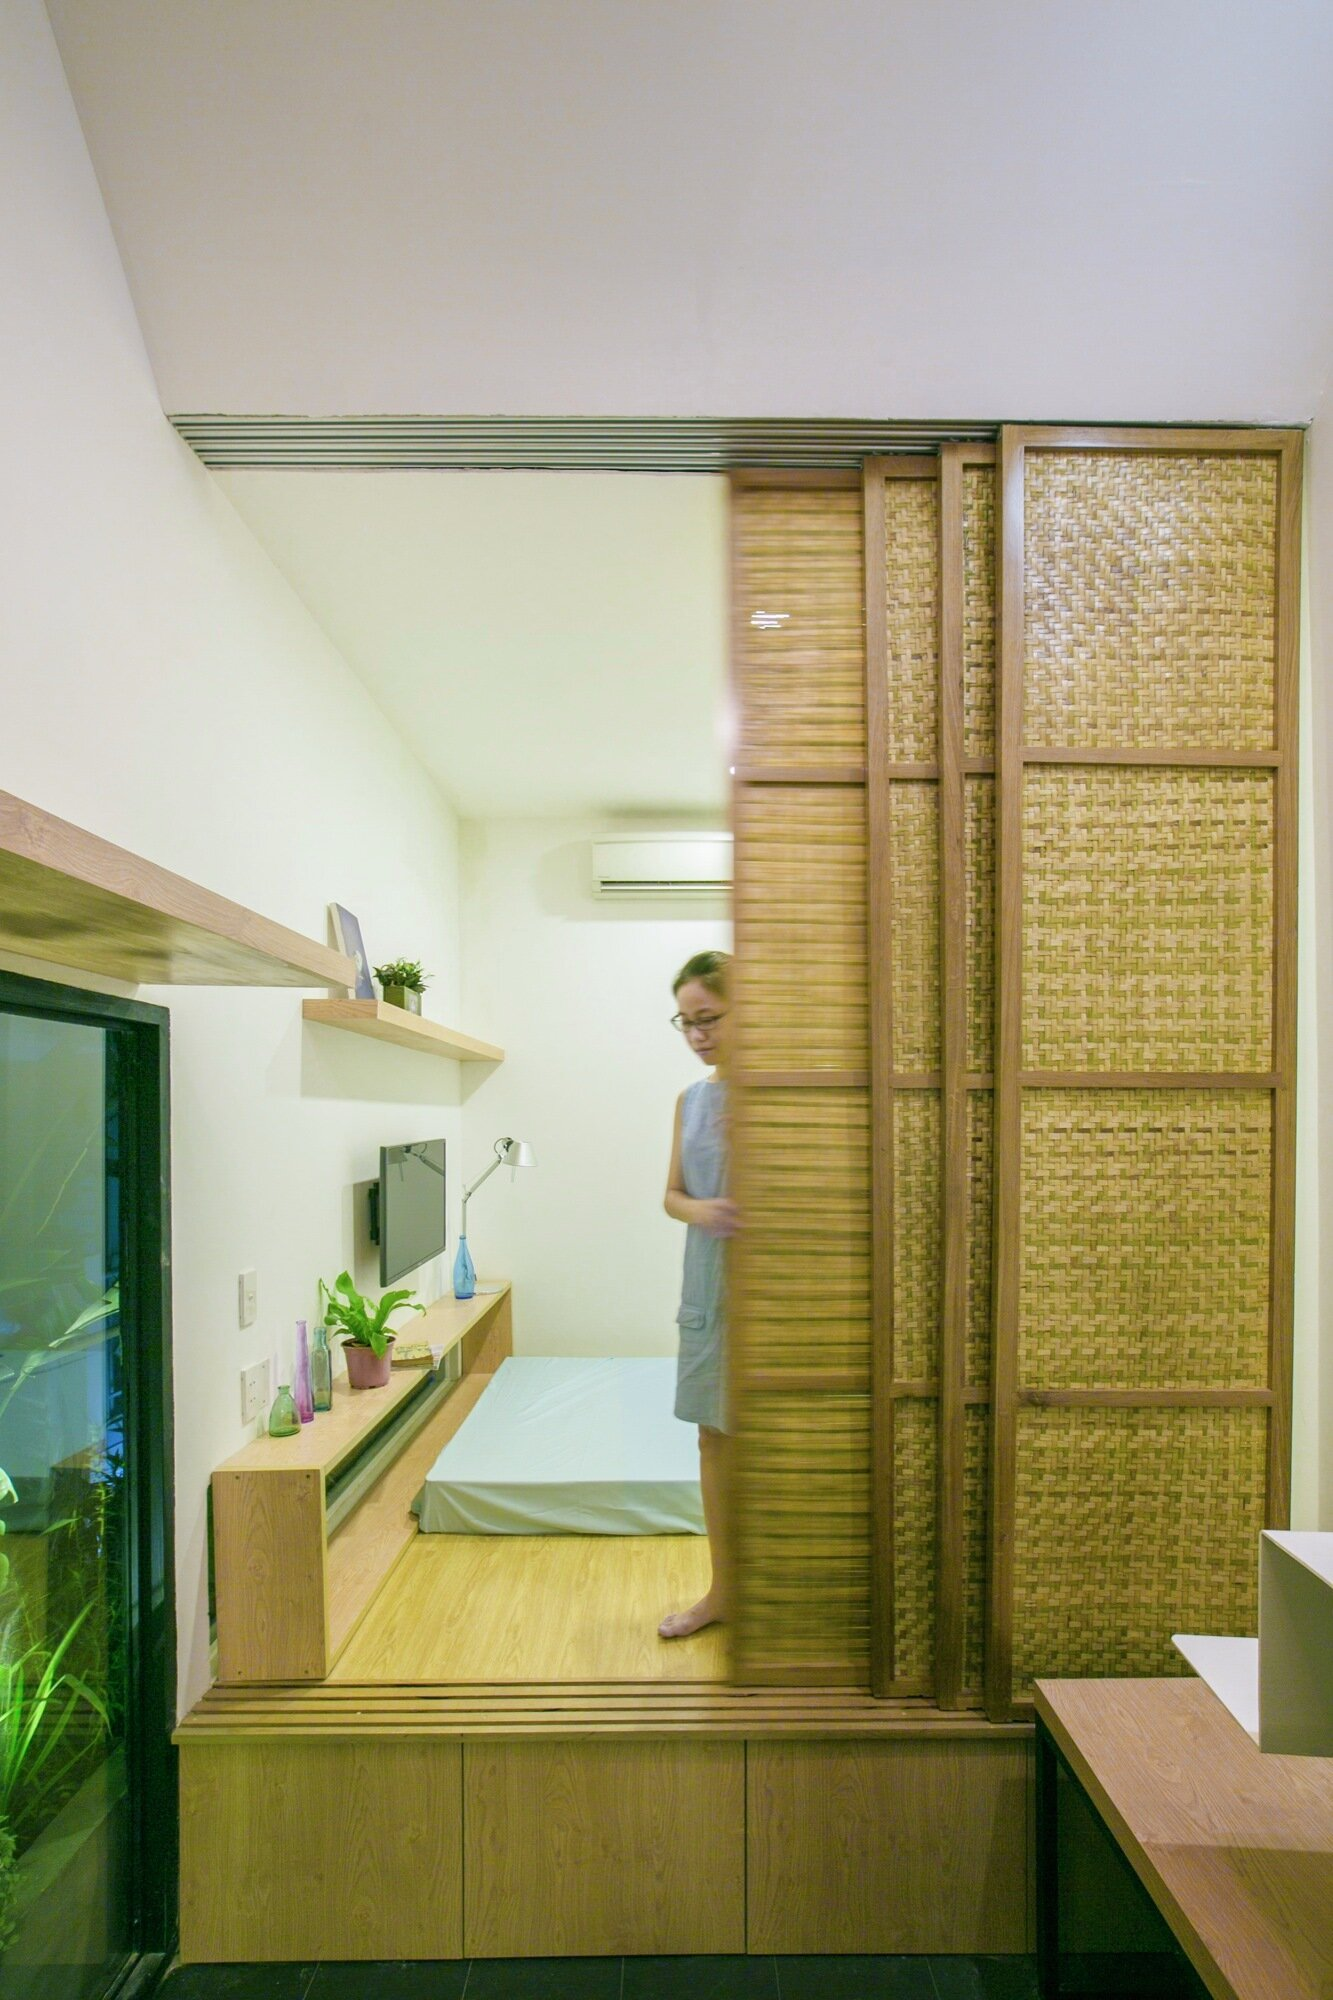 2.5 House - Khuon Studio - Vietnam - Bedroom - Humble Homes